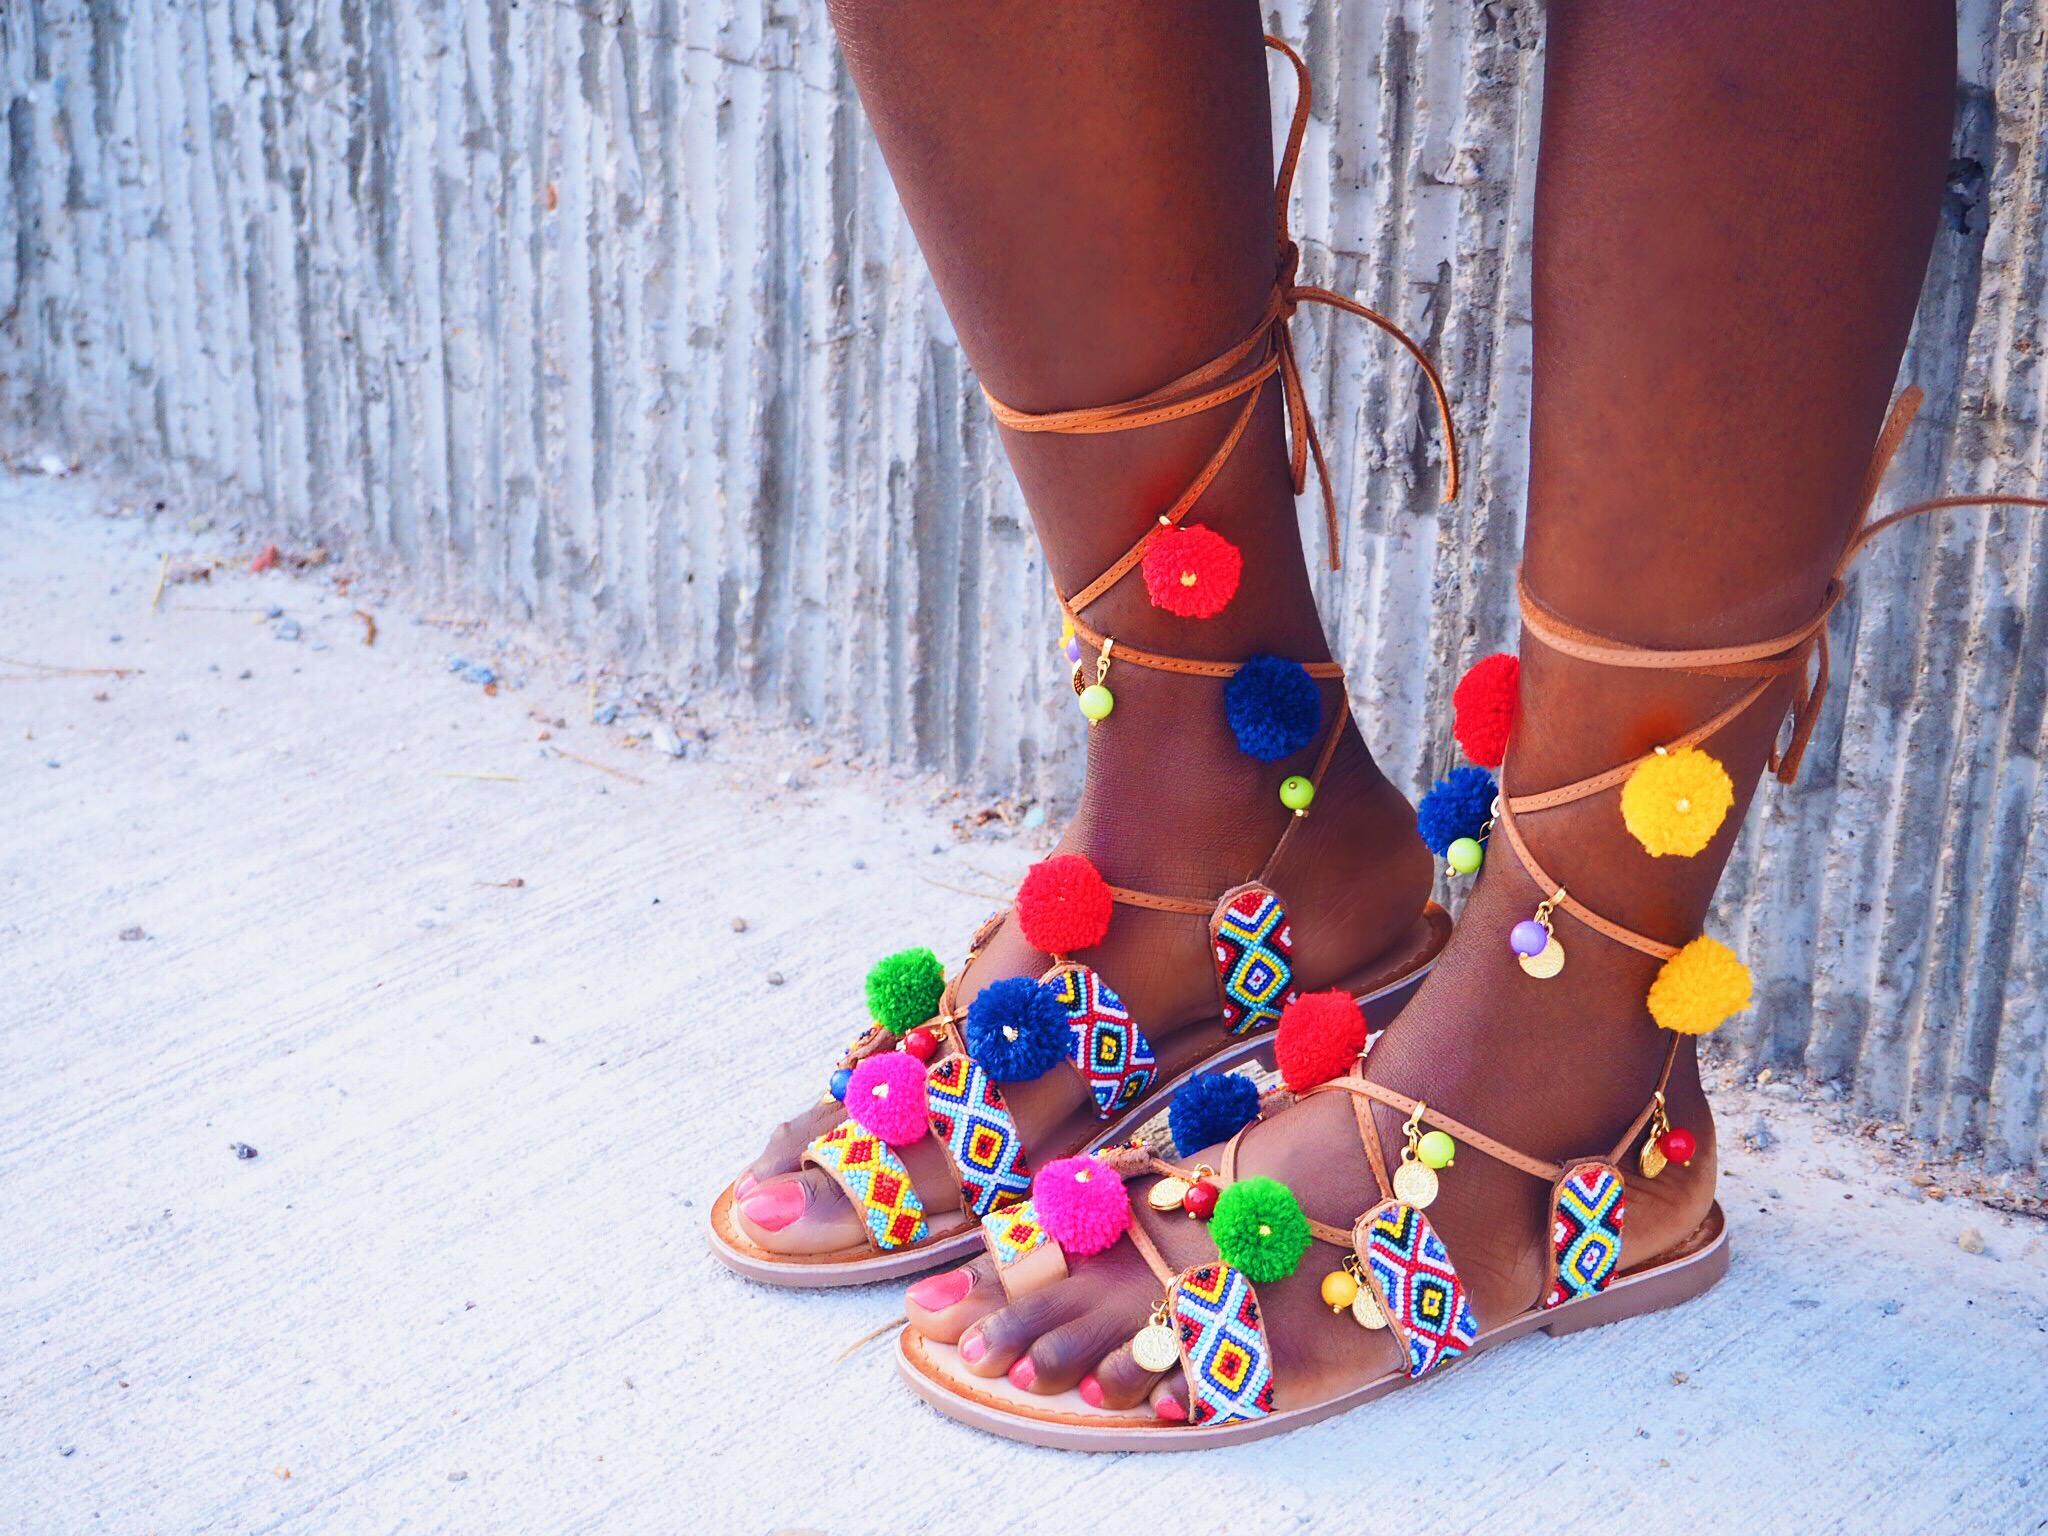 Zapatos Son Conoce Furor — Que En Los Internet Fmdos PwOZTXikul